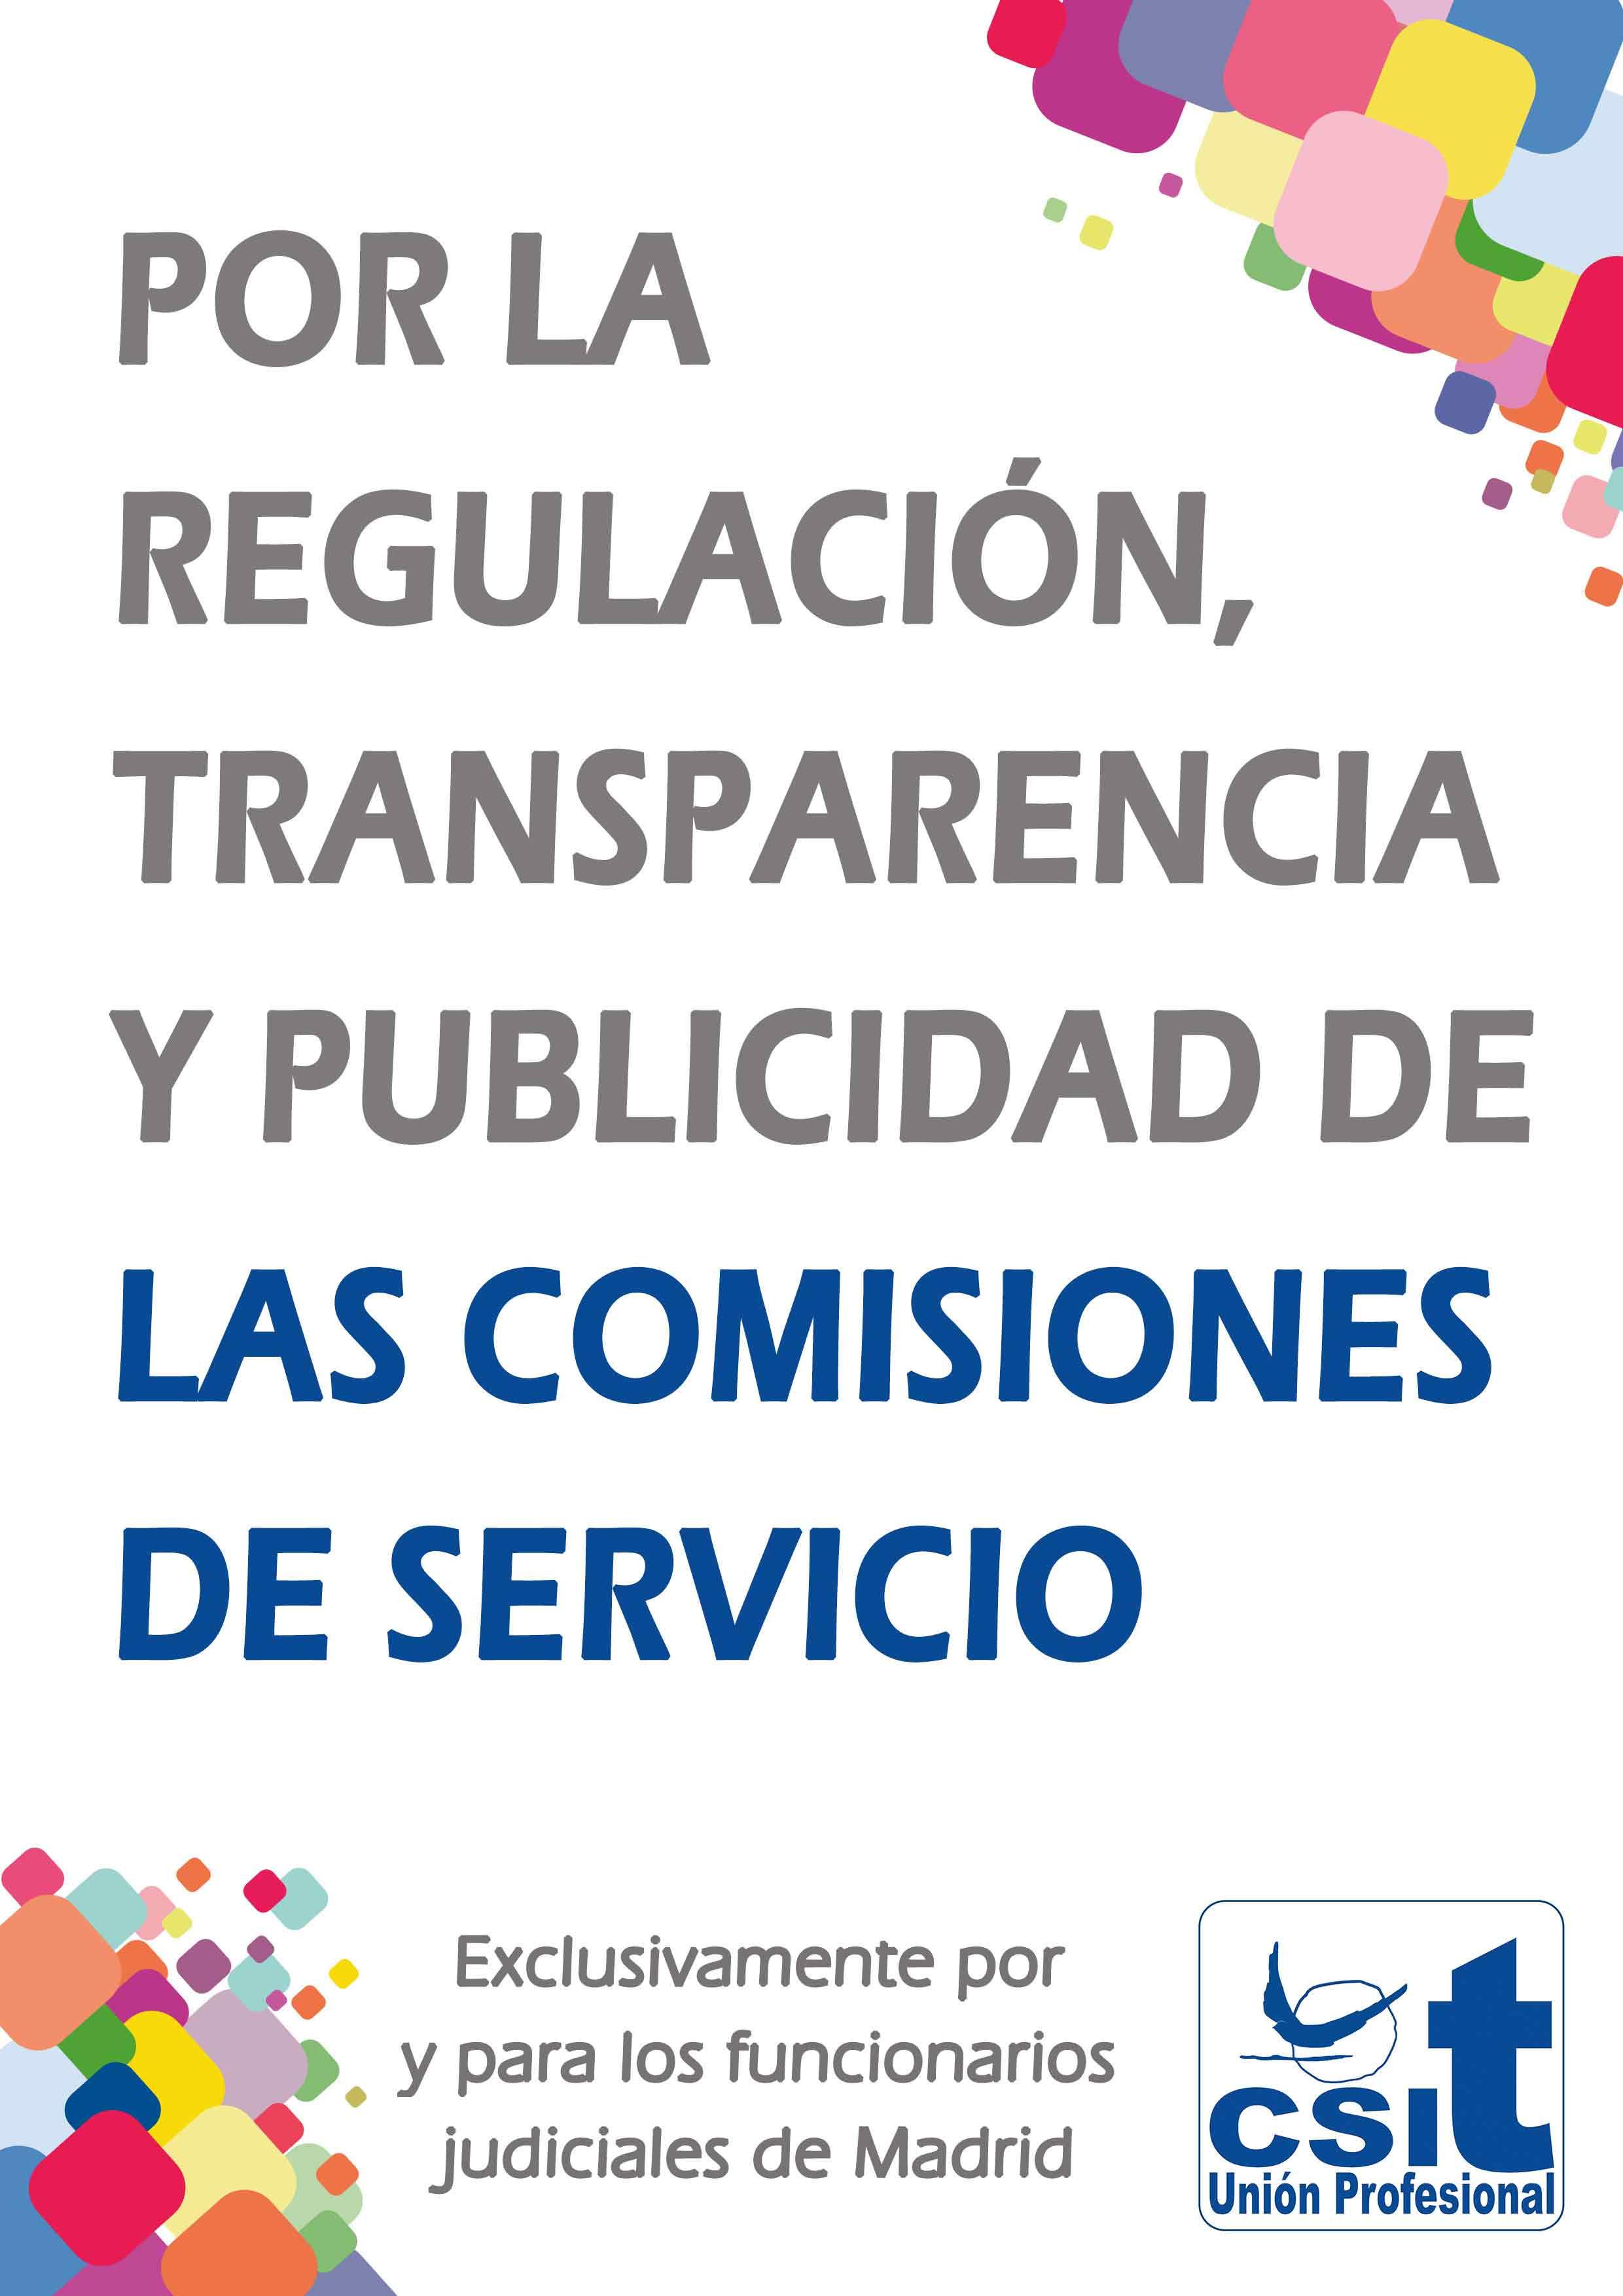 Oferta de comisiones de servicio para el Servicio de Apoyo del TSJ de Madrid